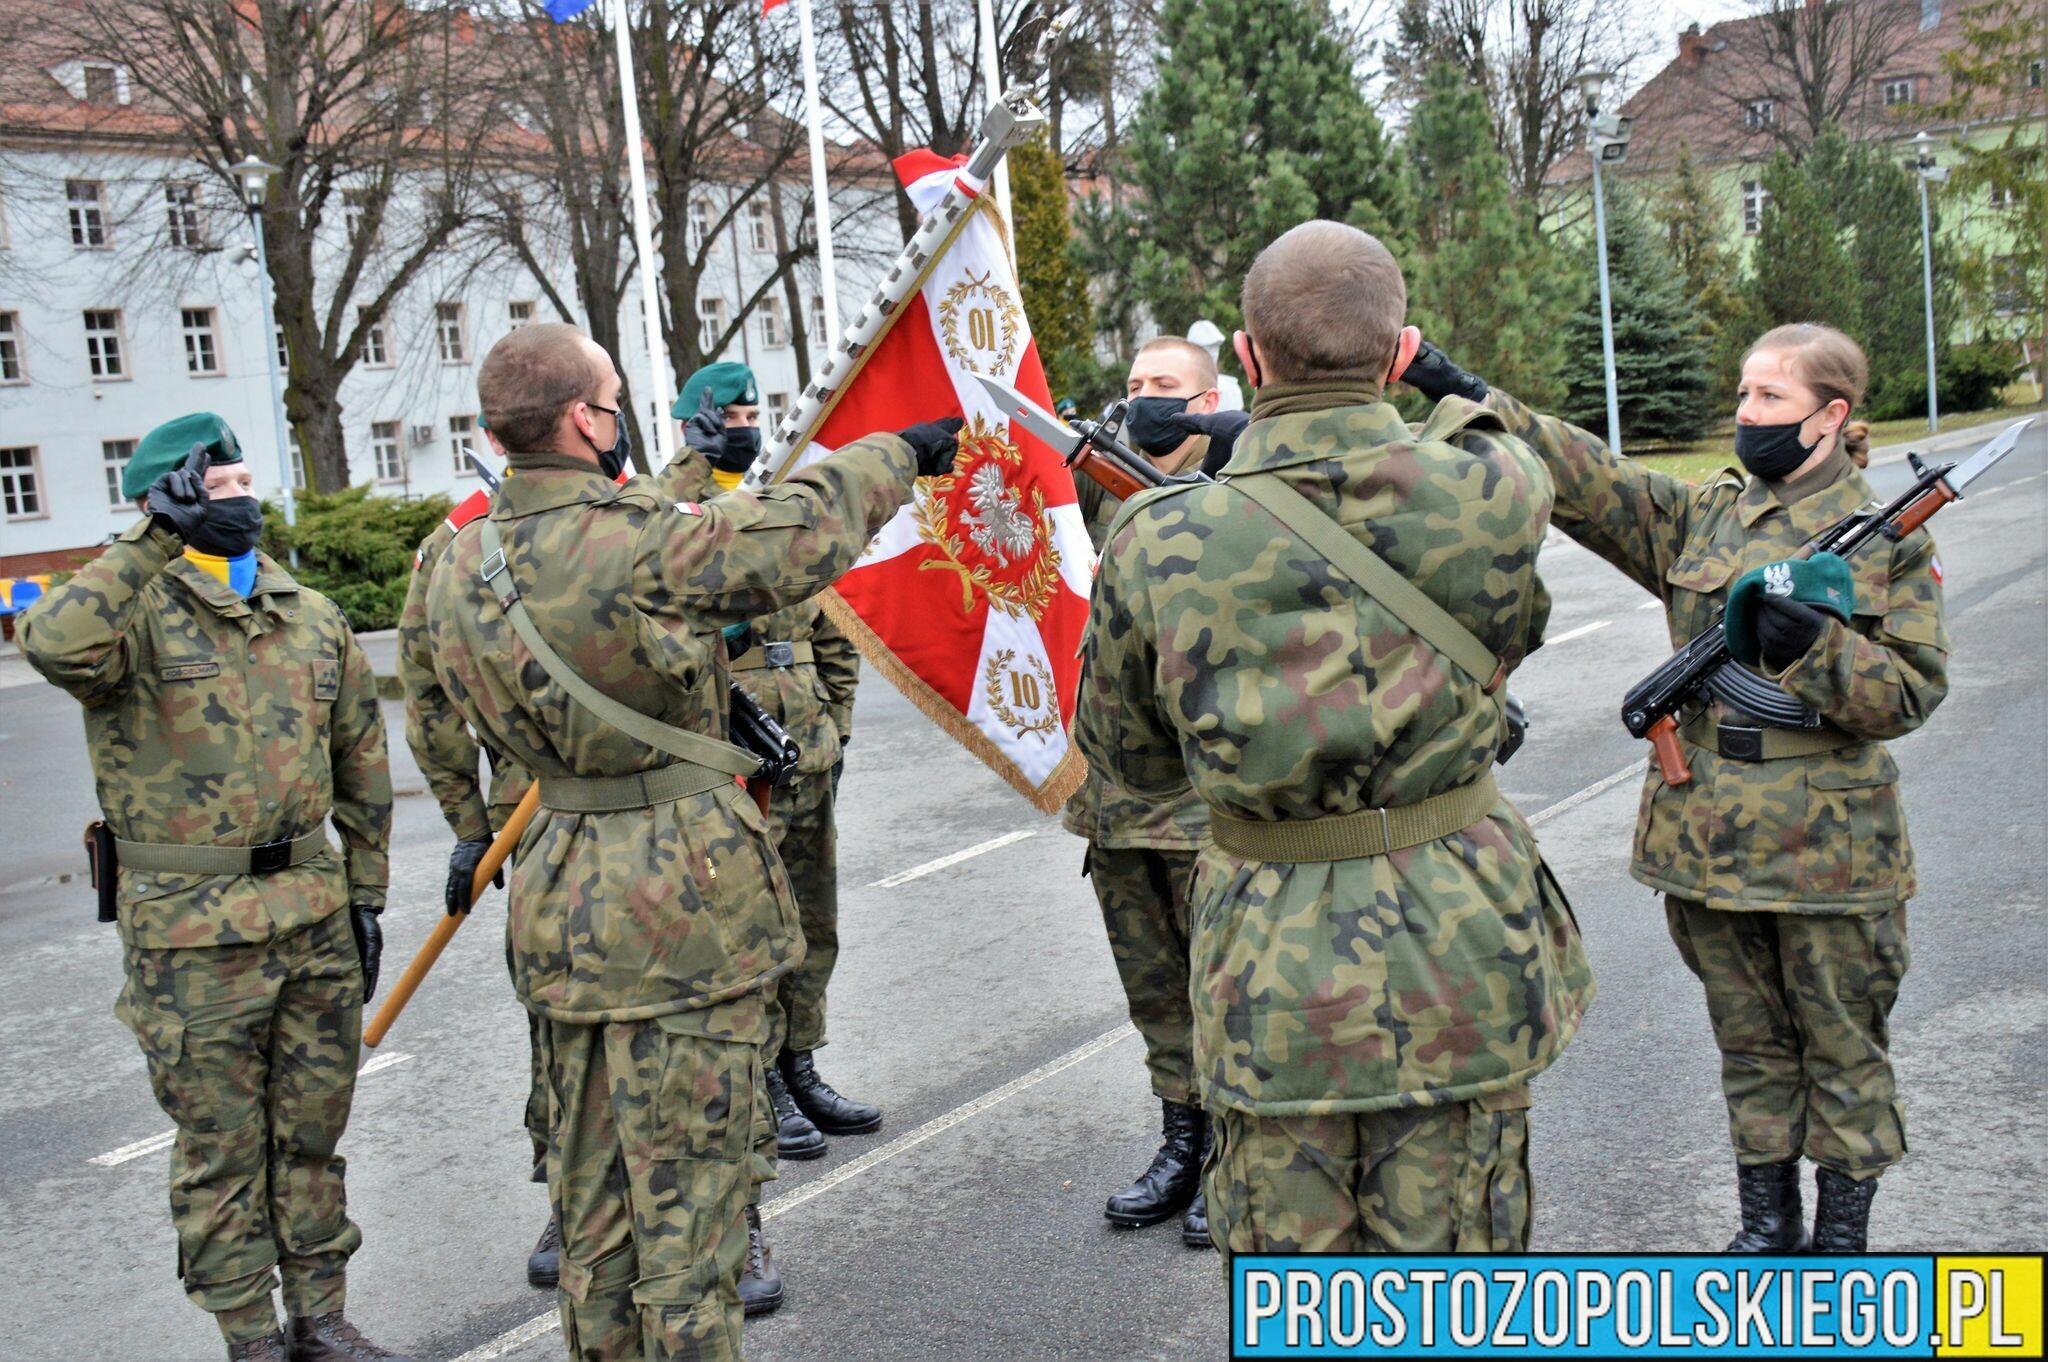 Przysięga wojskowa w 10 Brygadzie Logistycznej.(Zdjęcia)